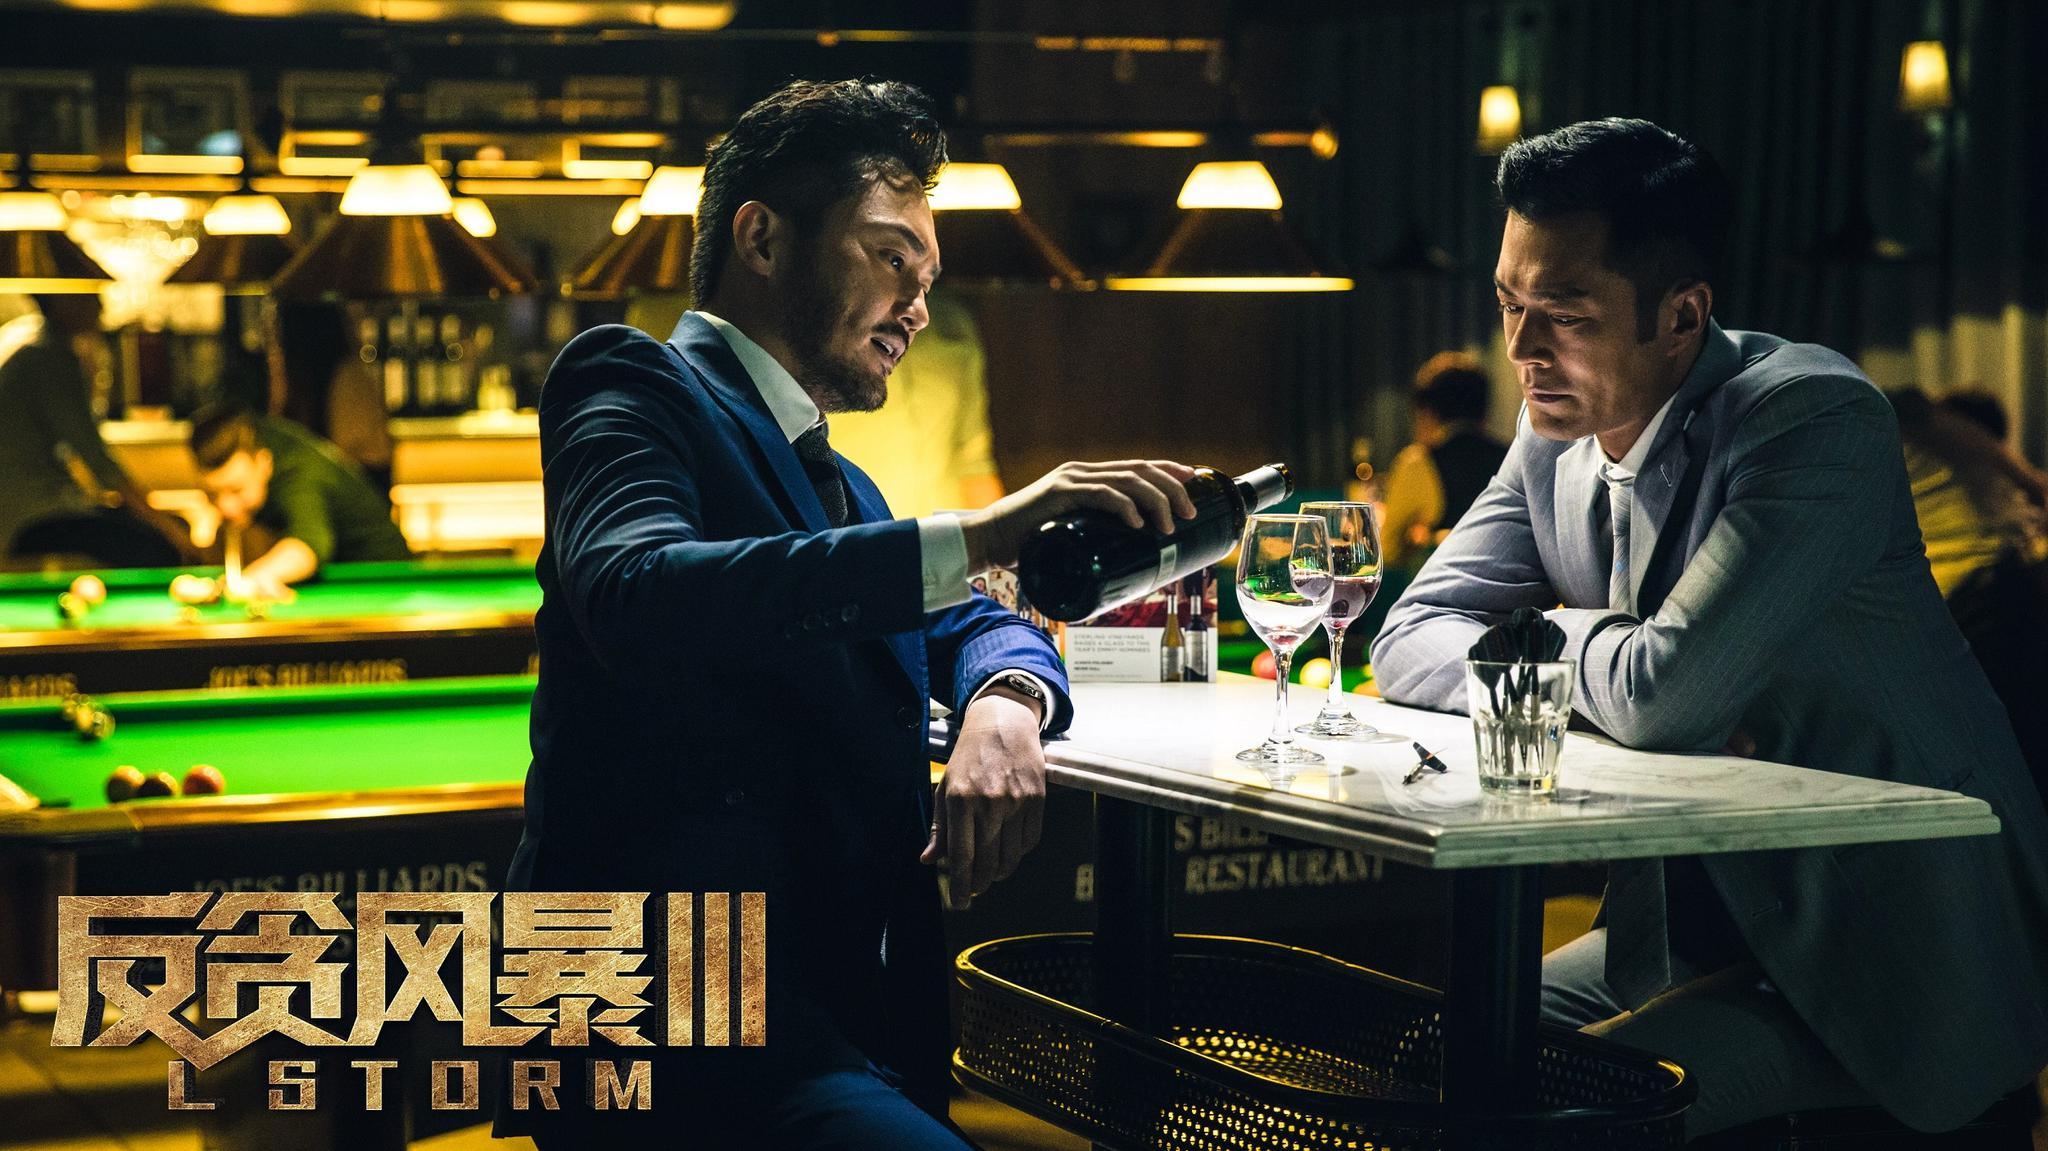 《反贪风暴3》曝先导海报预告定档 古天乐领衔反贪天团回归